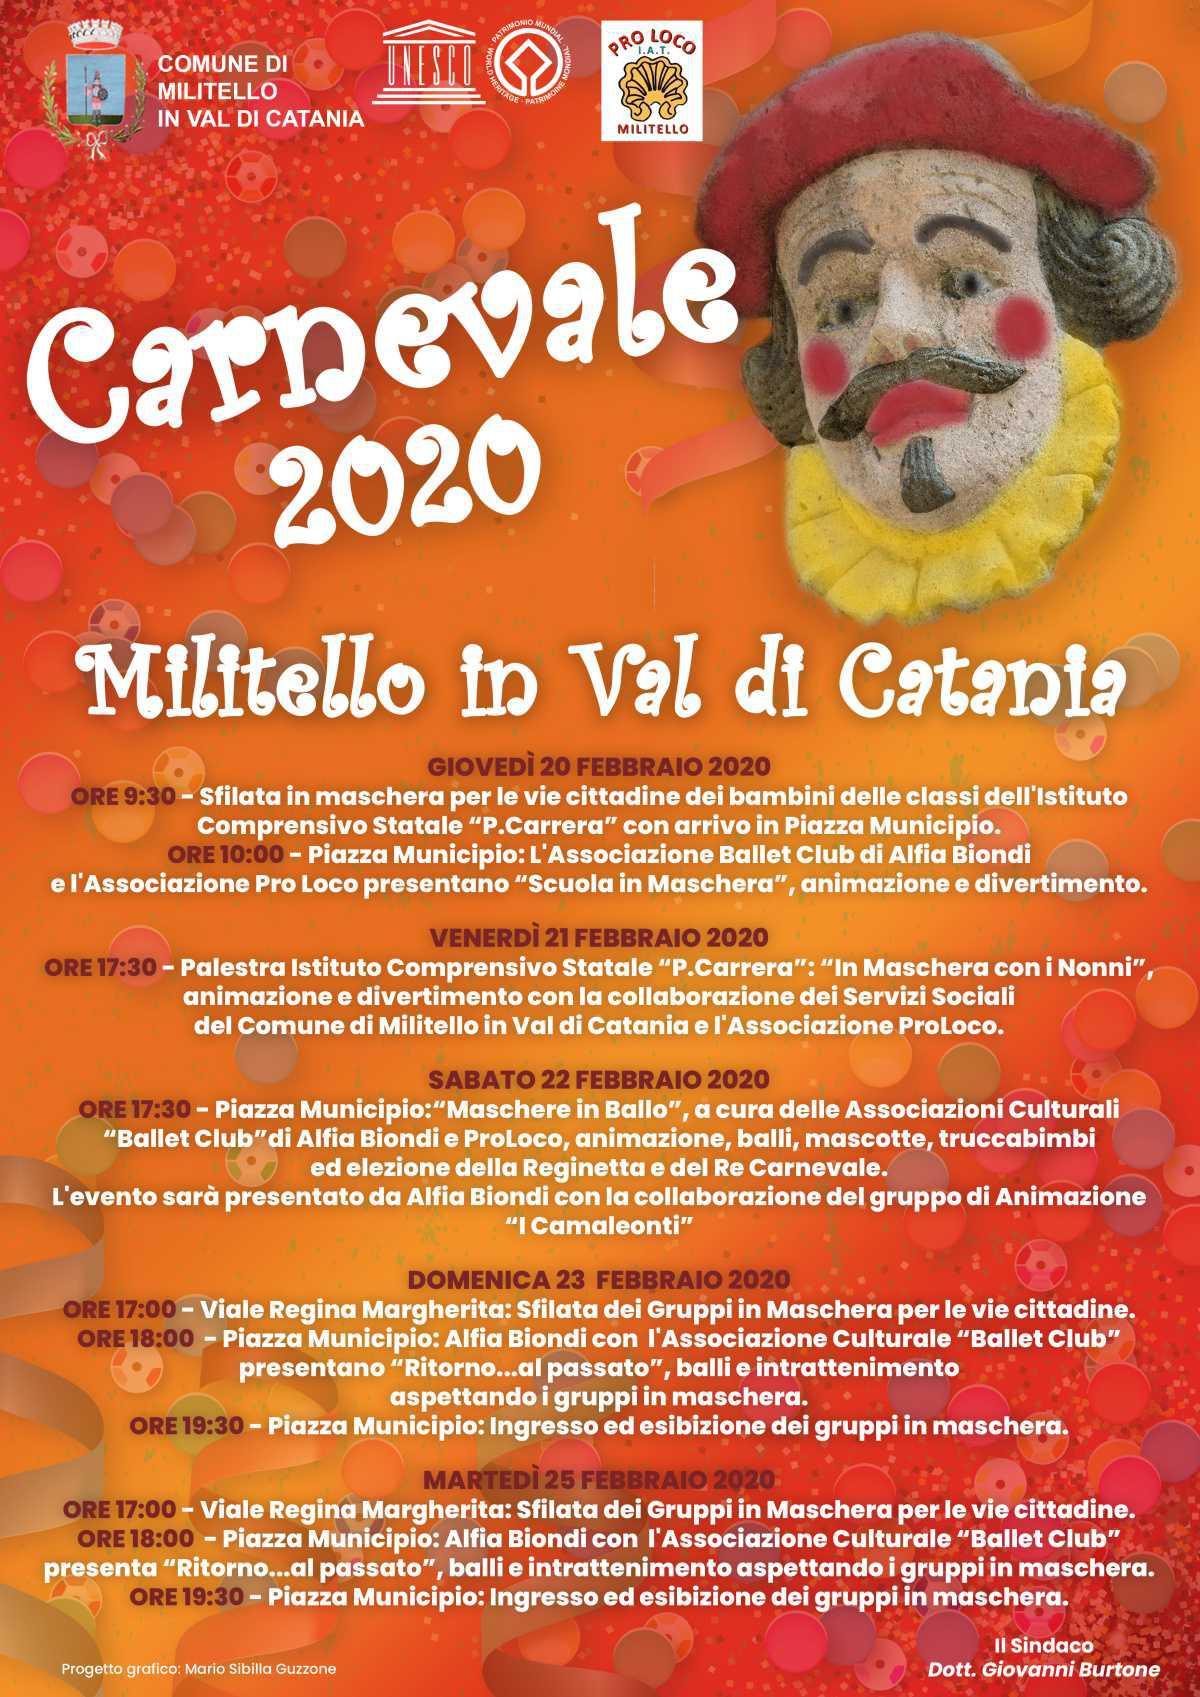 Carnevale 2020 a Militello in Val di Catania Programma degli Eventi